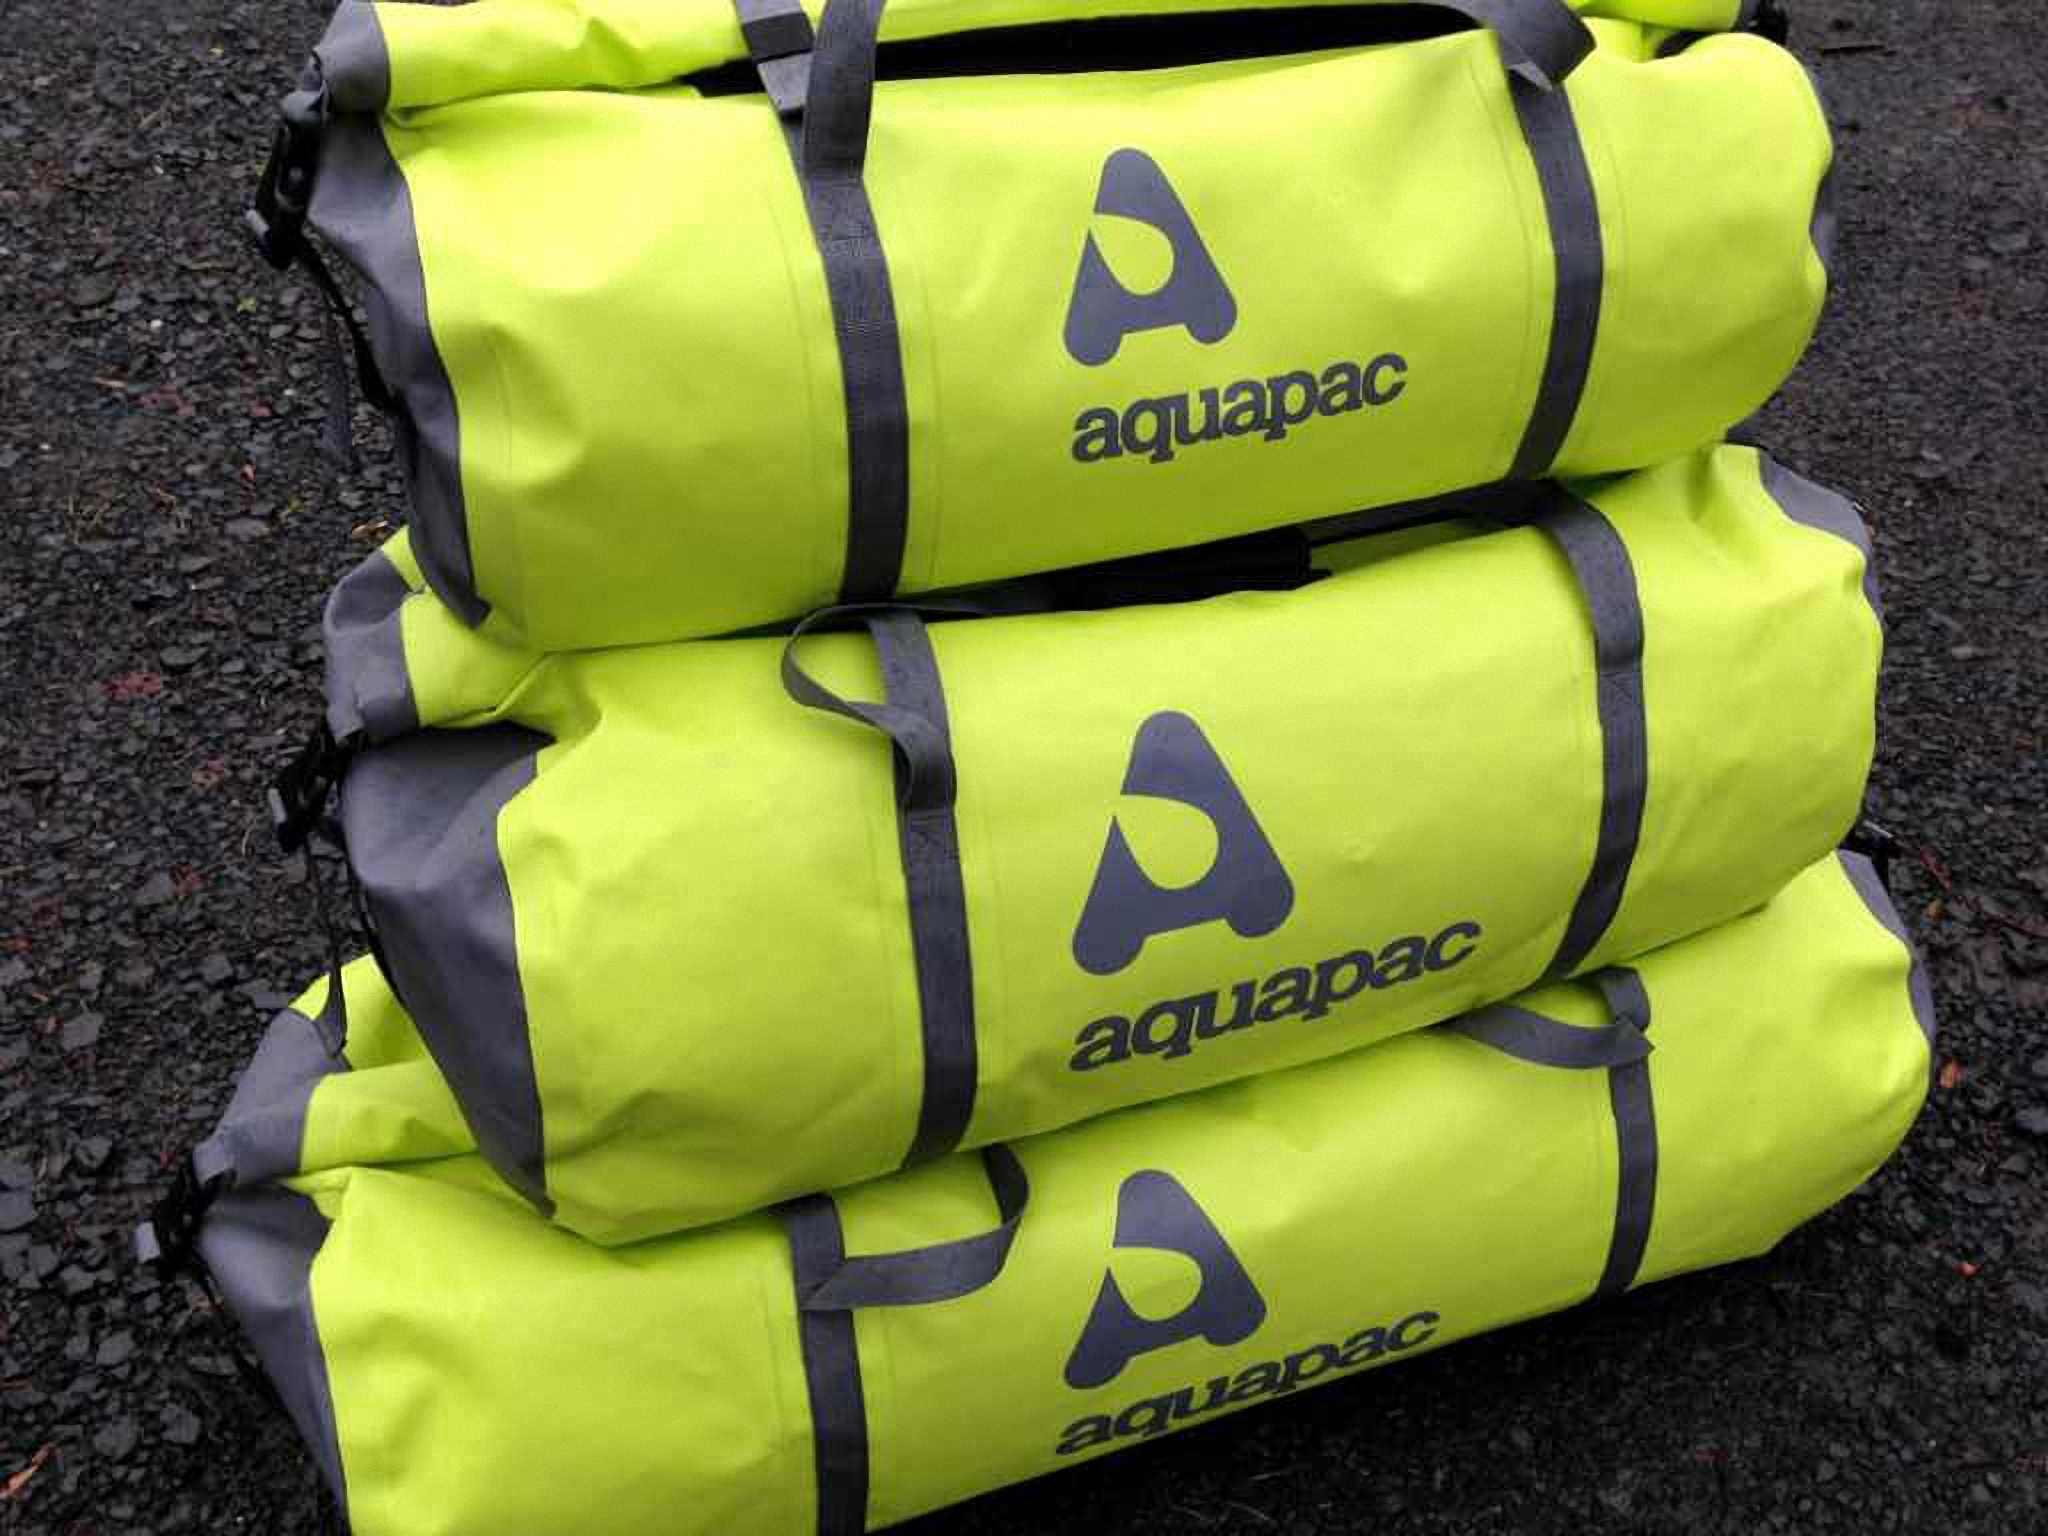 Водонепроницаемая сумка Aquapac 725 - TrailProof Duffels - 90L.. Aquapac - №1 в мире водонепроницаемых чехлов и сумок. Фото 2